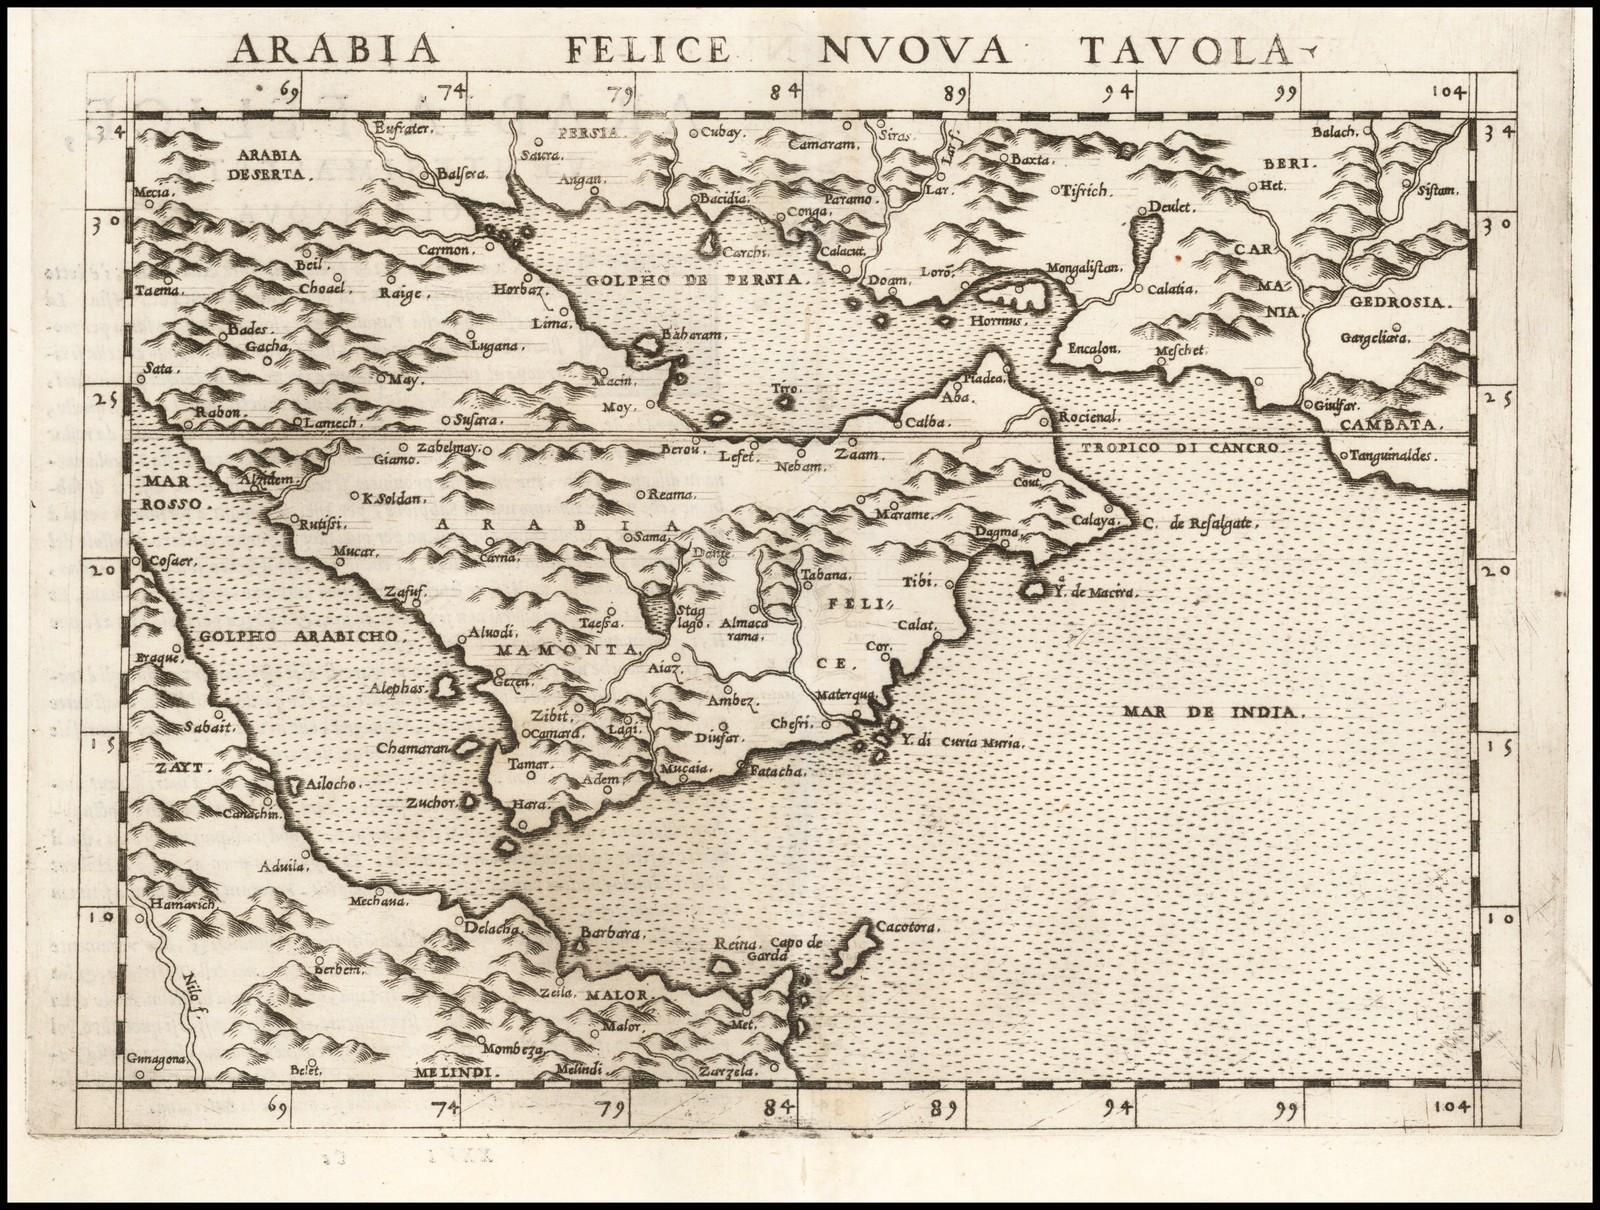 Оригинальная карта Ближнего Востока Рускелли сделанная в 1561 году